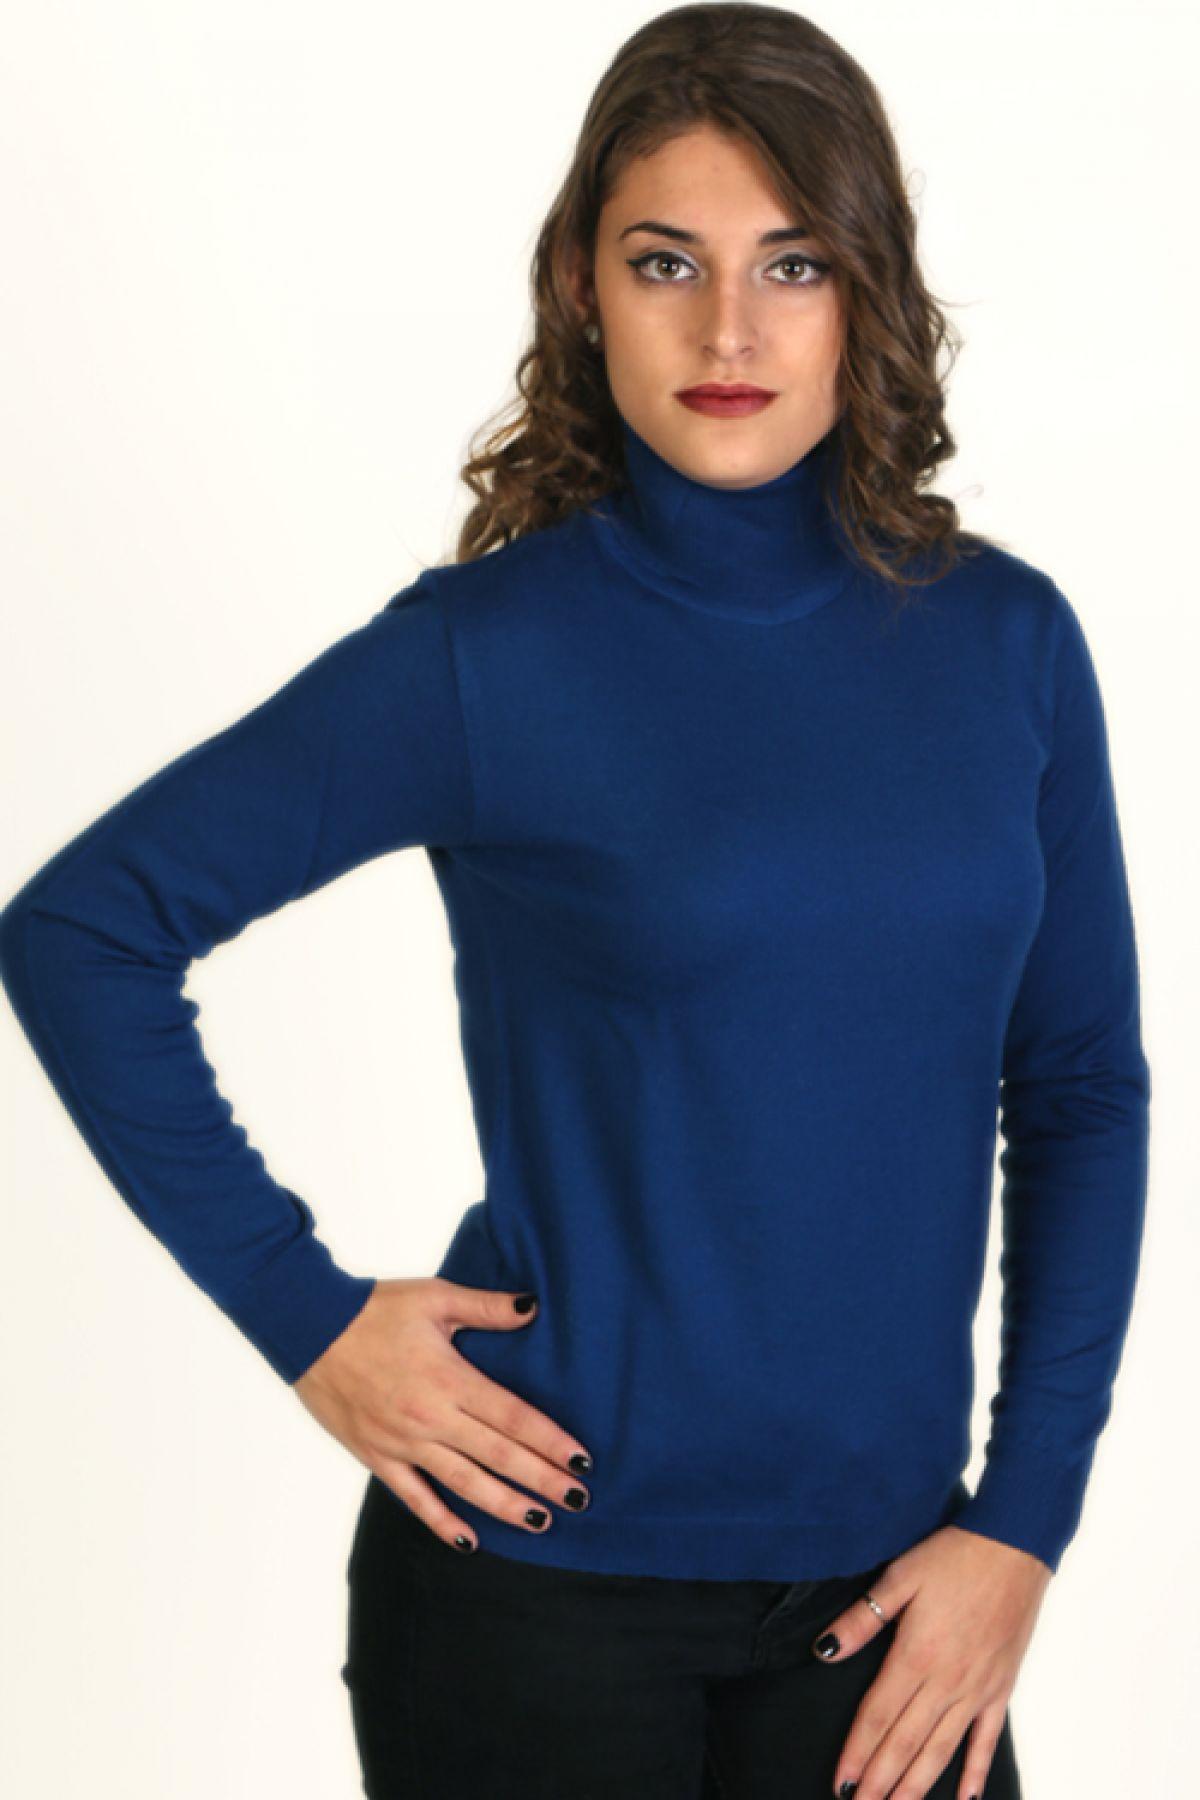 Μπλούζα ζιβάγκο - Μπλε ρουά 6106 fee994a395e